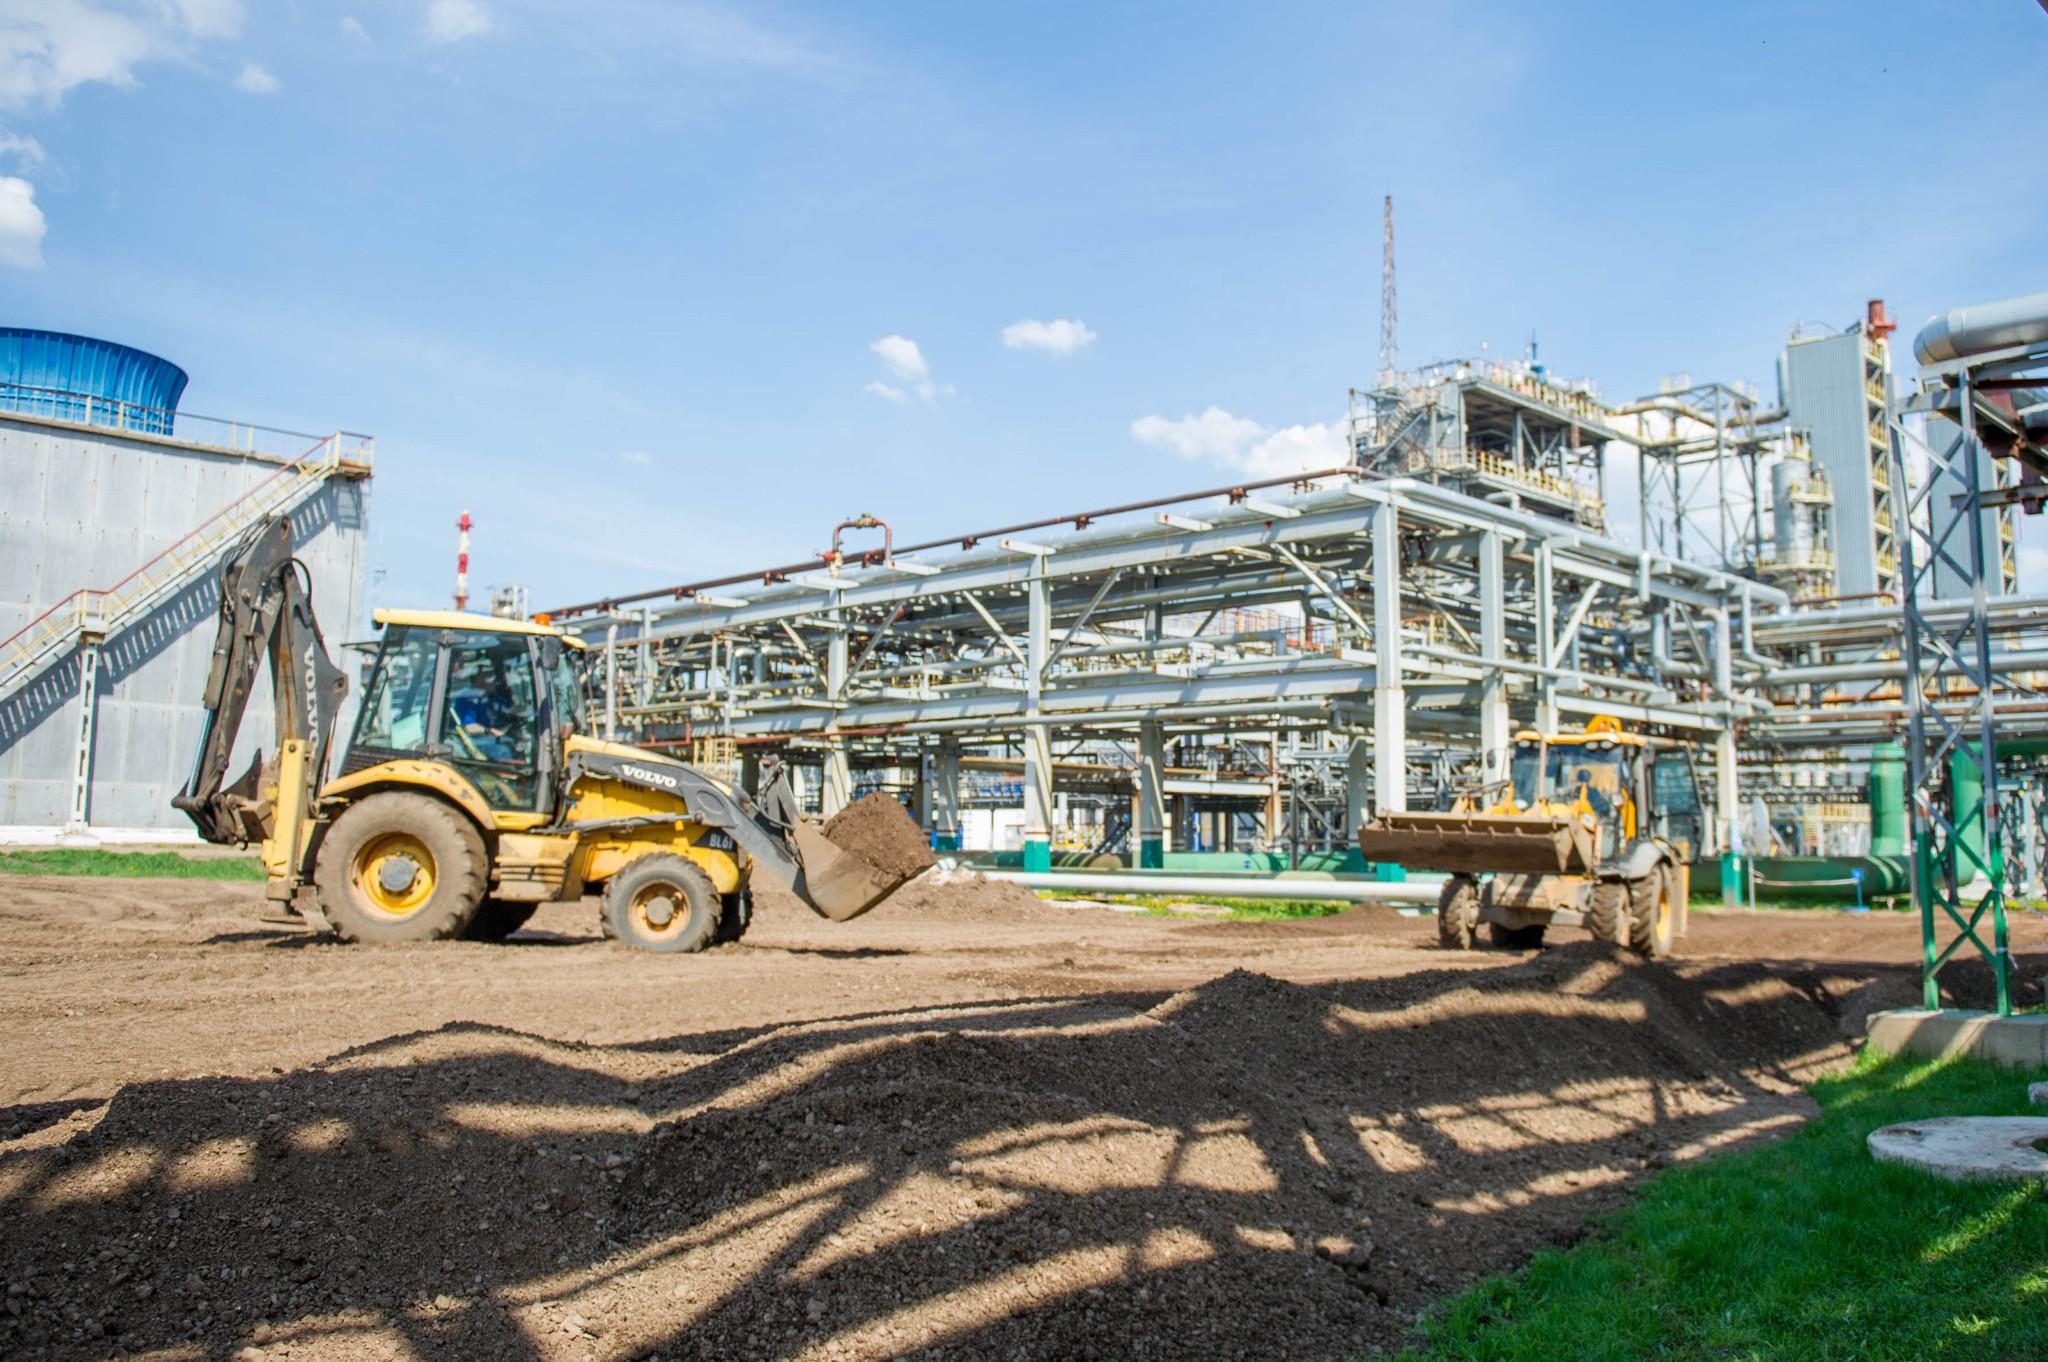 Работы по устройству временной дороги для крана, грузоподъемностью в 1350 тонн.